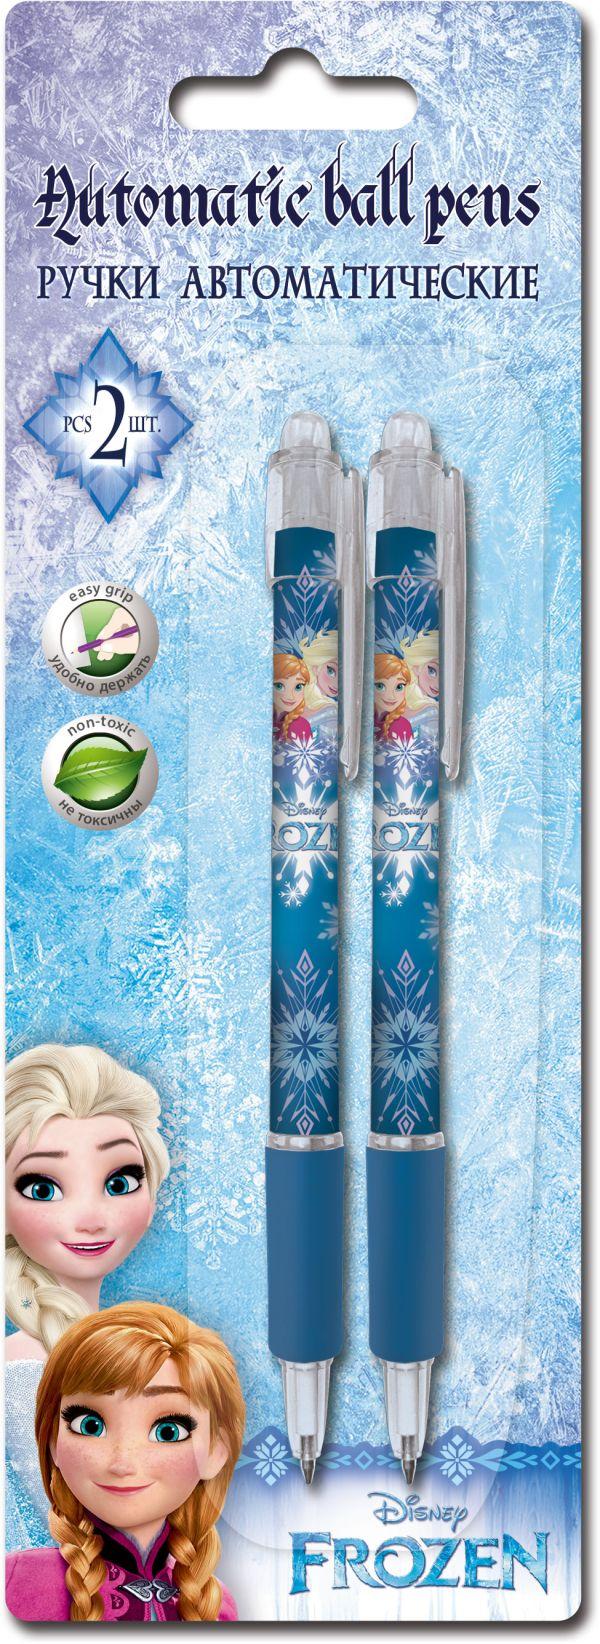 FZDB-US1-116-BL2 Автоматическая ручка. Набор 2 шт, в блистере.. Frozen